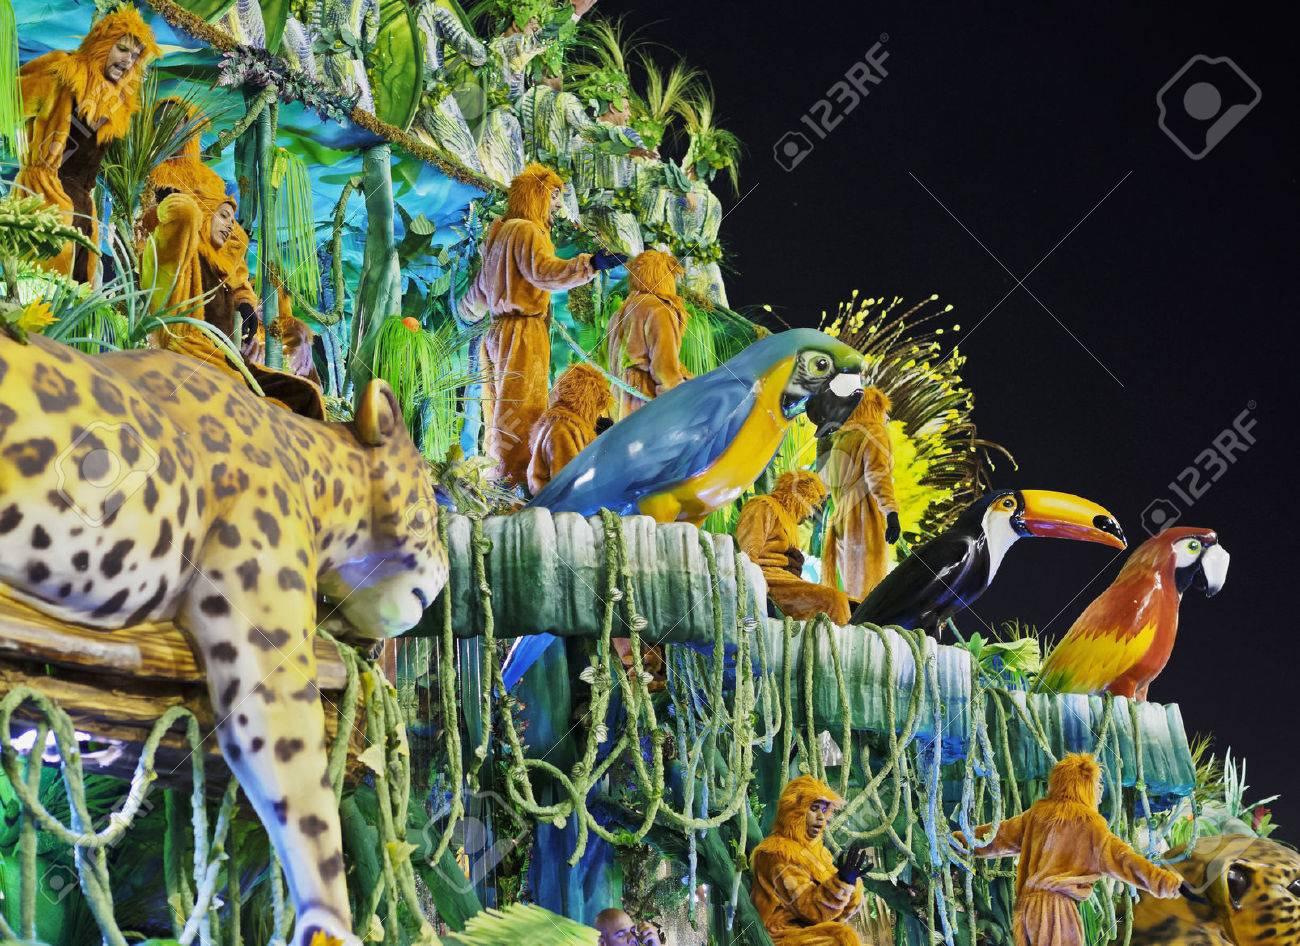 Brazil, State of Rio de Janeiro, City of Rio de Janeiro, Carnival Parade at The Sambadrome Marques de Sapucai. - 63615862